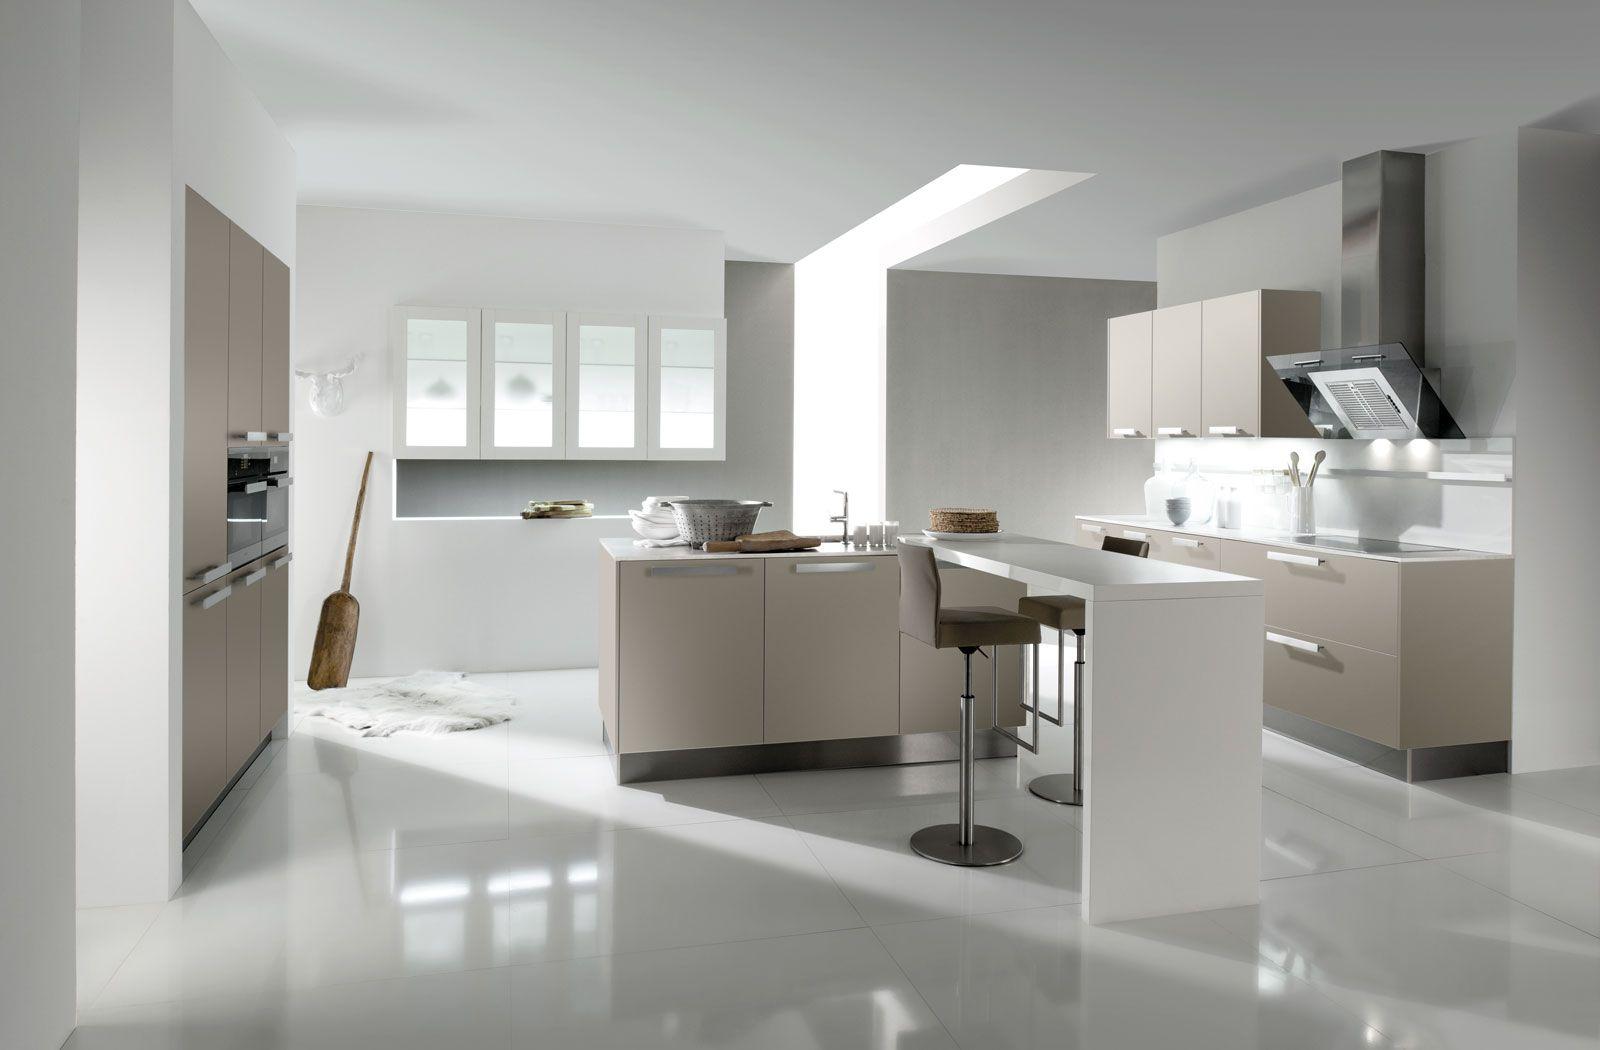 pin von zinck concept auf notre partenaire h cker k chen pinterest h cker k chen und k che. Black Bedroom Furniture Sets. Home Design Ideas